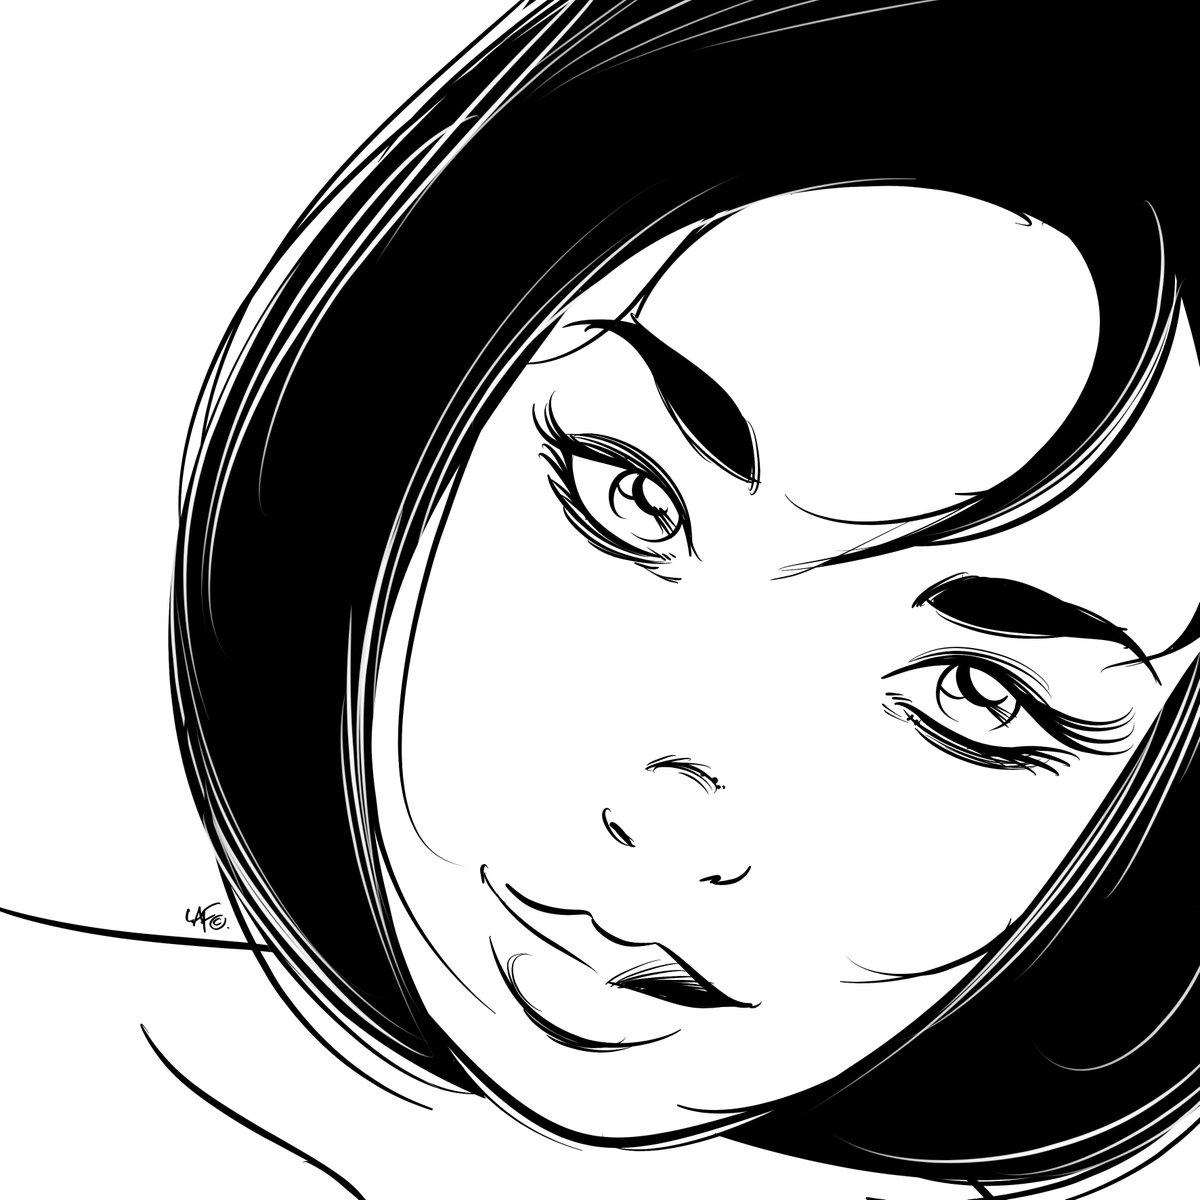 Black and White  Summer time #sarahtheretrogamer #retrogaming #RetroGames #sketch #doodle #illustration #dibujo #ilustracion #ilustração #BandeDessinee #gaming #gamers #gamersunite #japanstudio @TheArtBond @dibujando<br>http://pic.twitter.com/XPbHzHxehz